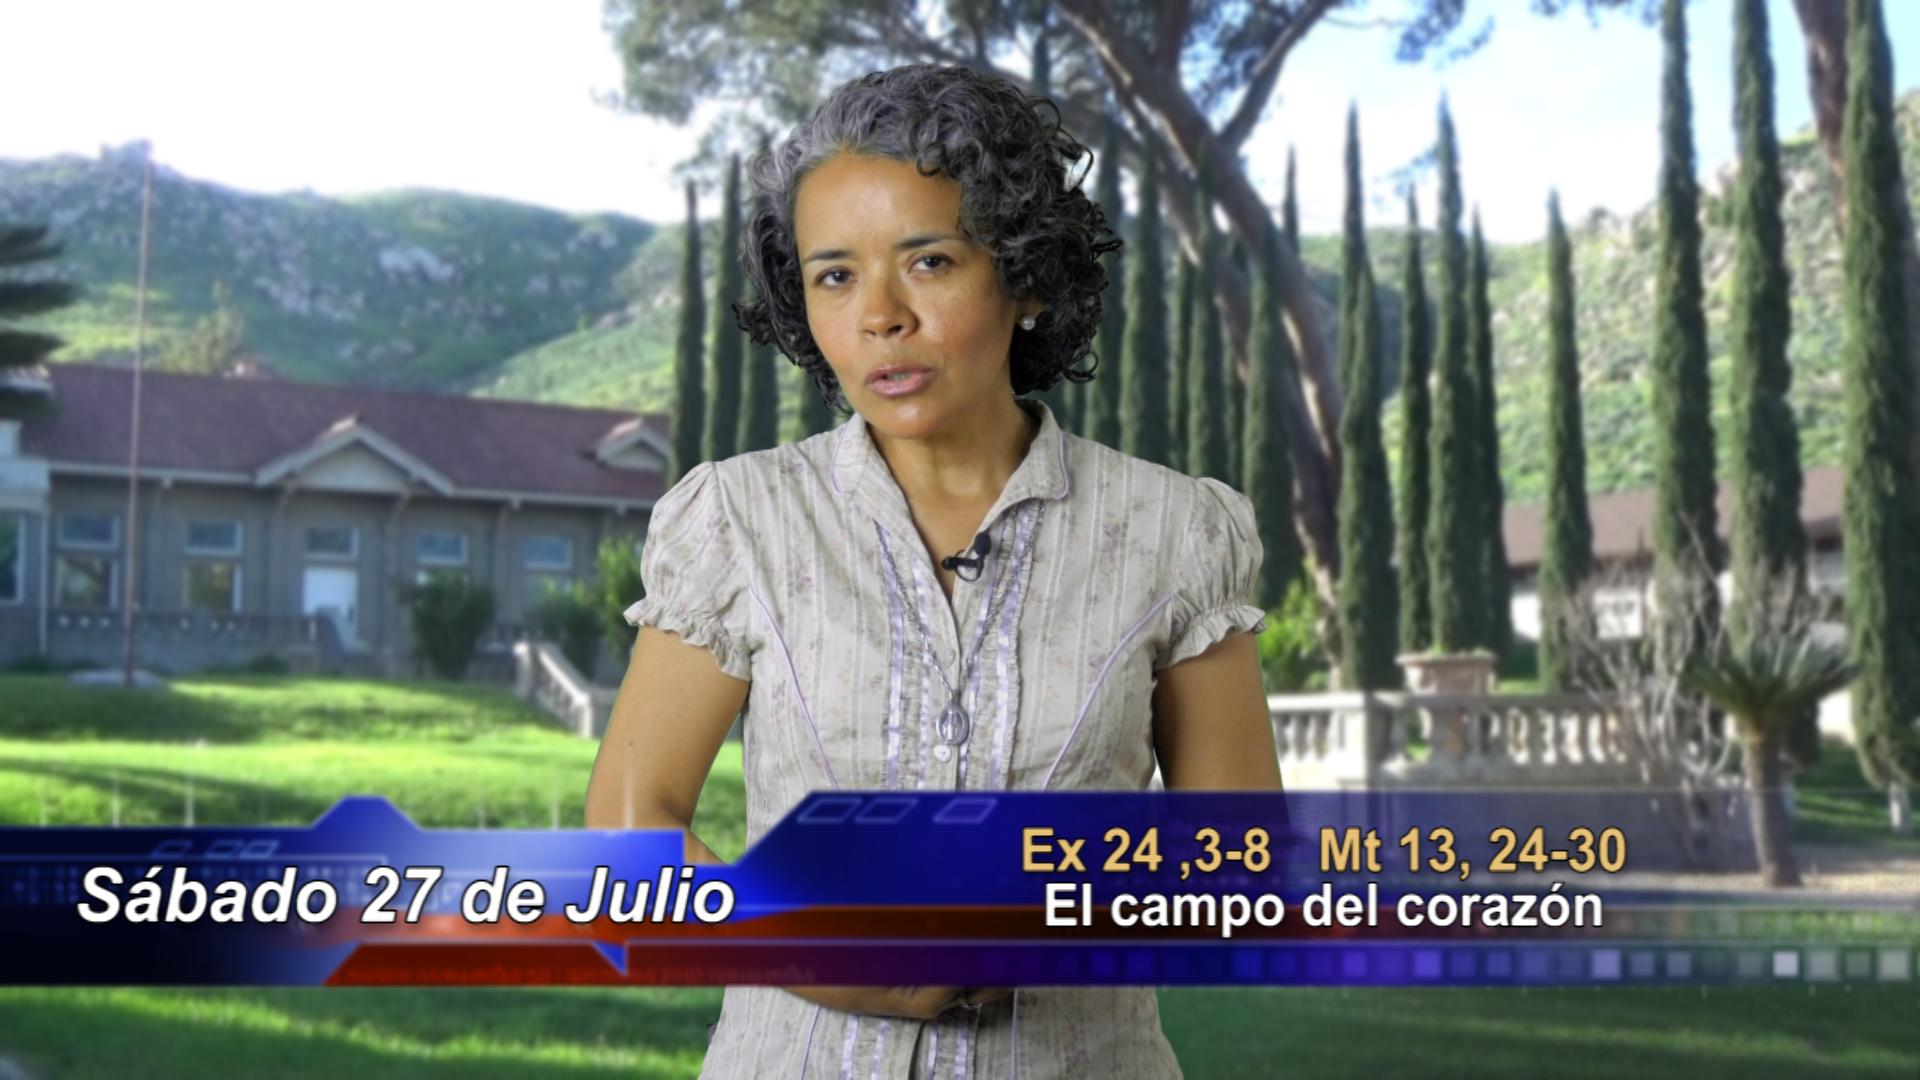 Artwork for Dioa te Habla con Sandra Patricia Gutiérrez Plaza,  El tema: el campo del corazón